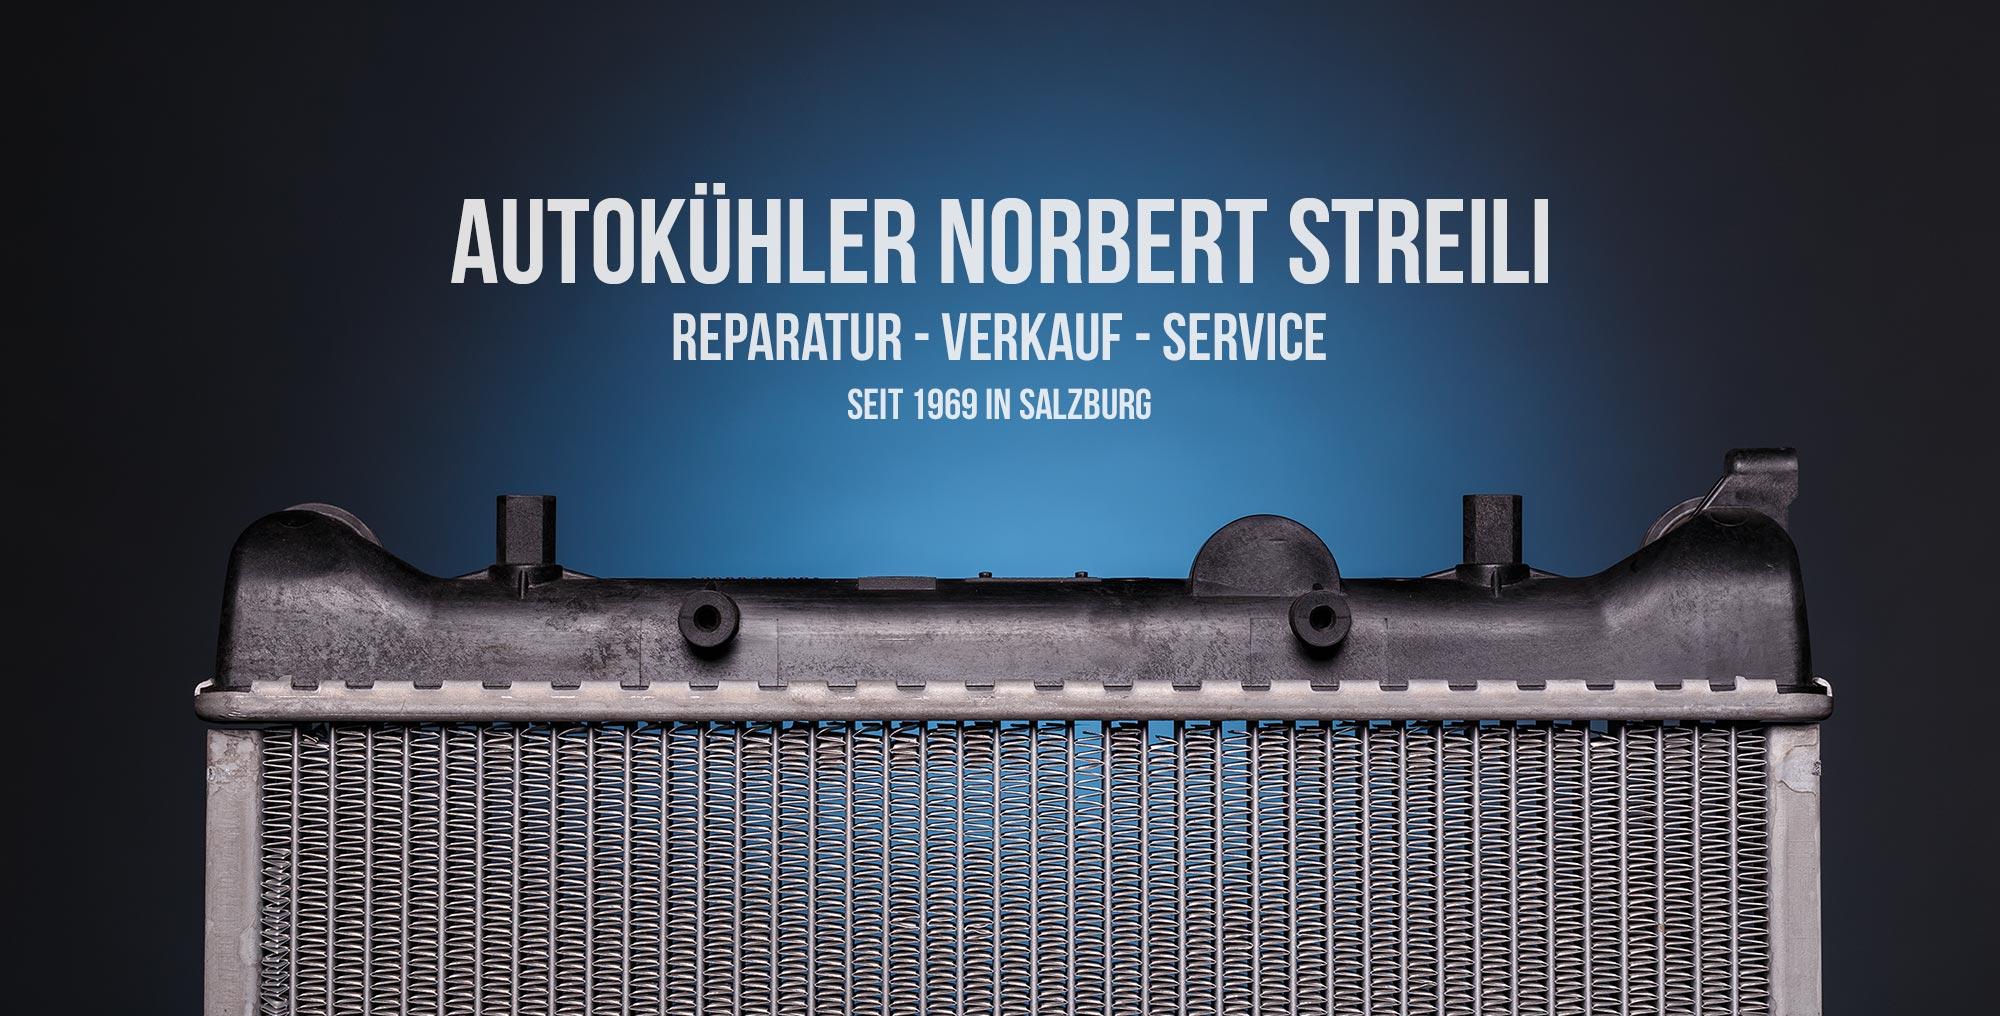 Autokühler, Wasserkühler, Klimakühler, Ladeluftkühler, Ölkühler, Heizungskühler Salzburg. Norbert Streili - Autokühler.at